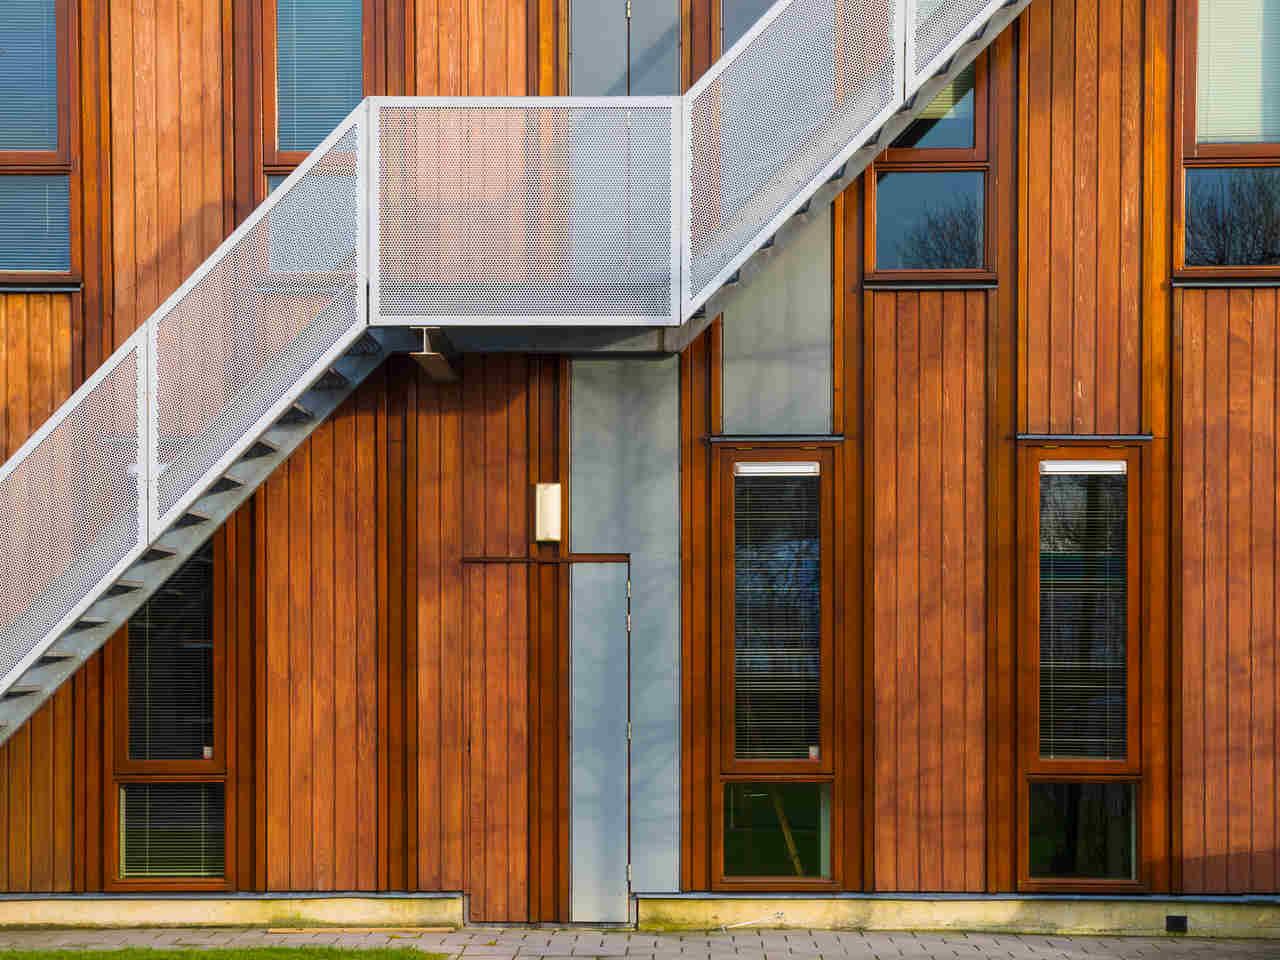 sürdürülebilir mimari örneği ahşap bina duvarı ve beyaz metal merdivenler